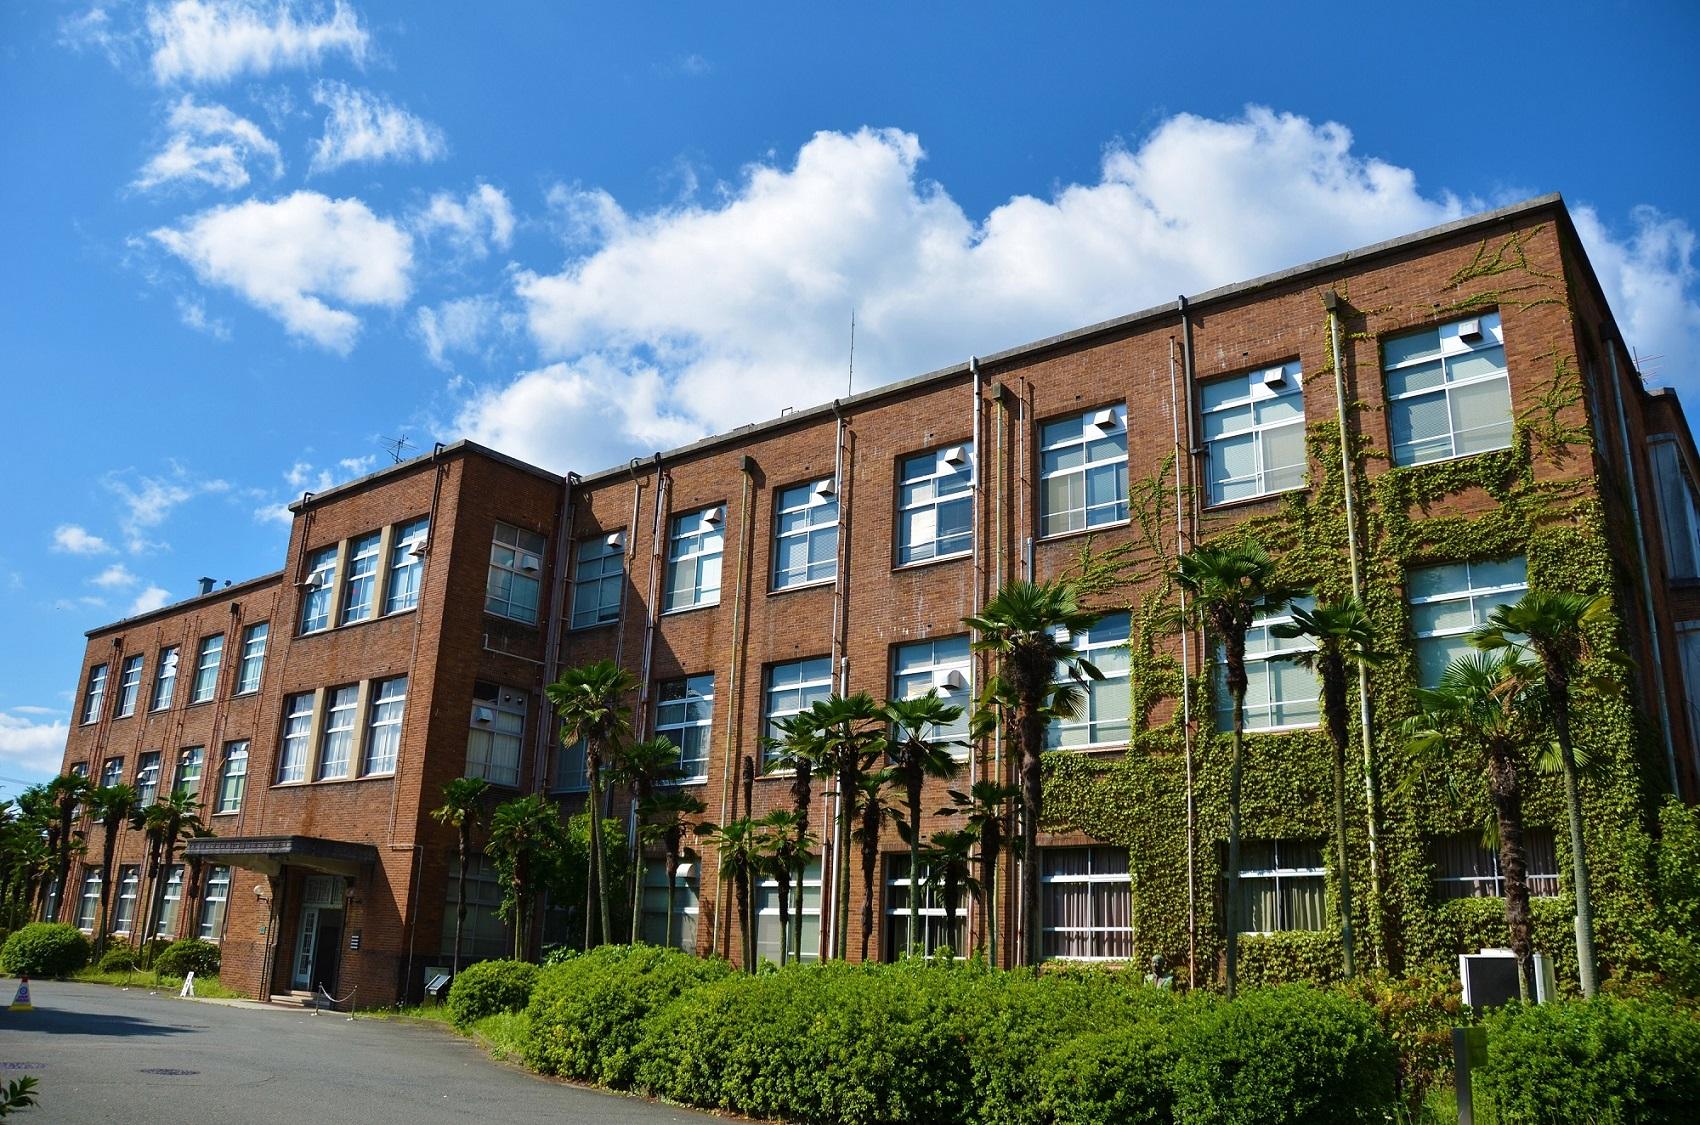 京都 工芸 繊維 大学 合格 発表